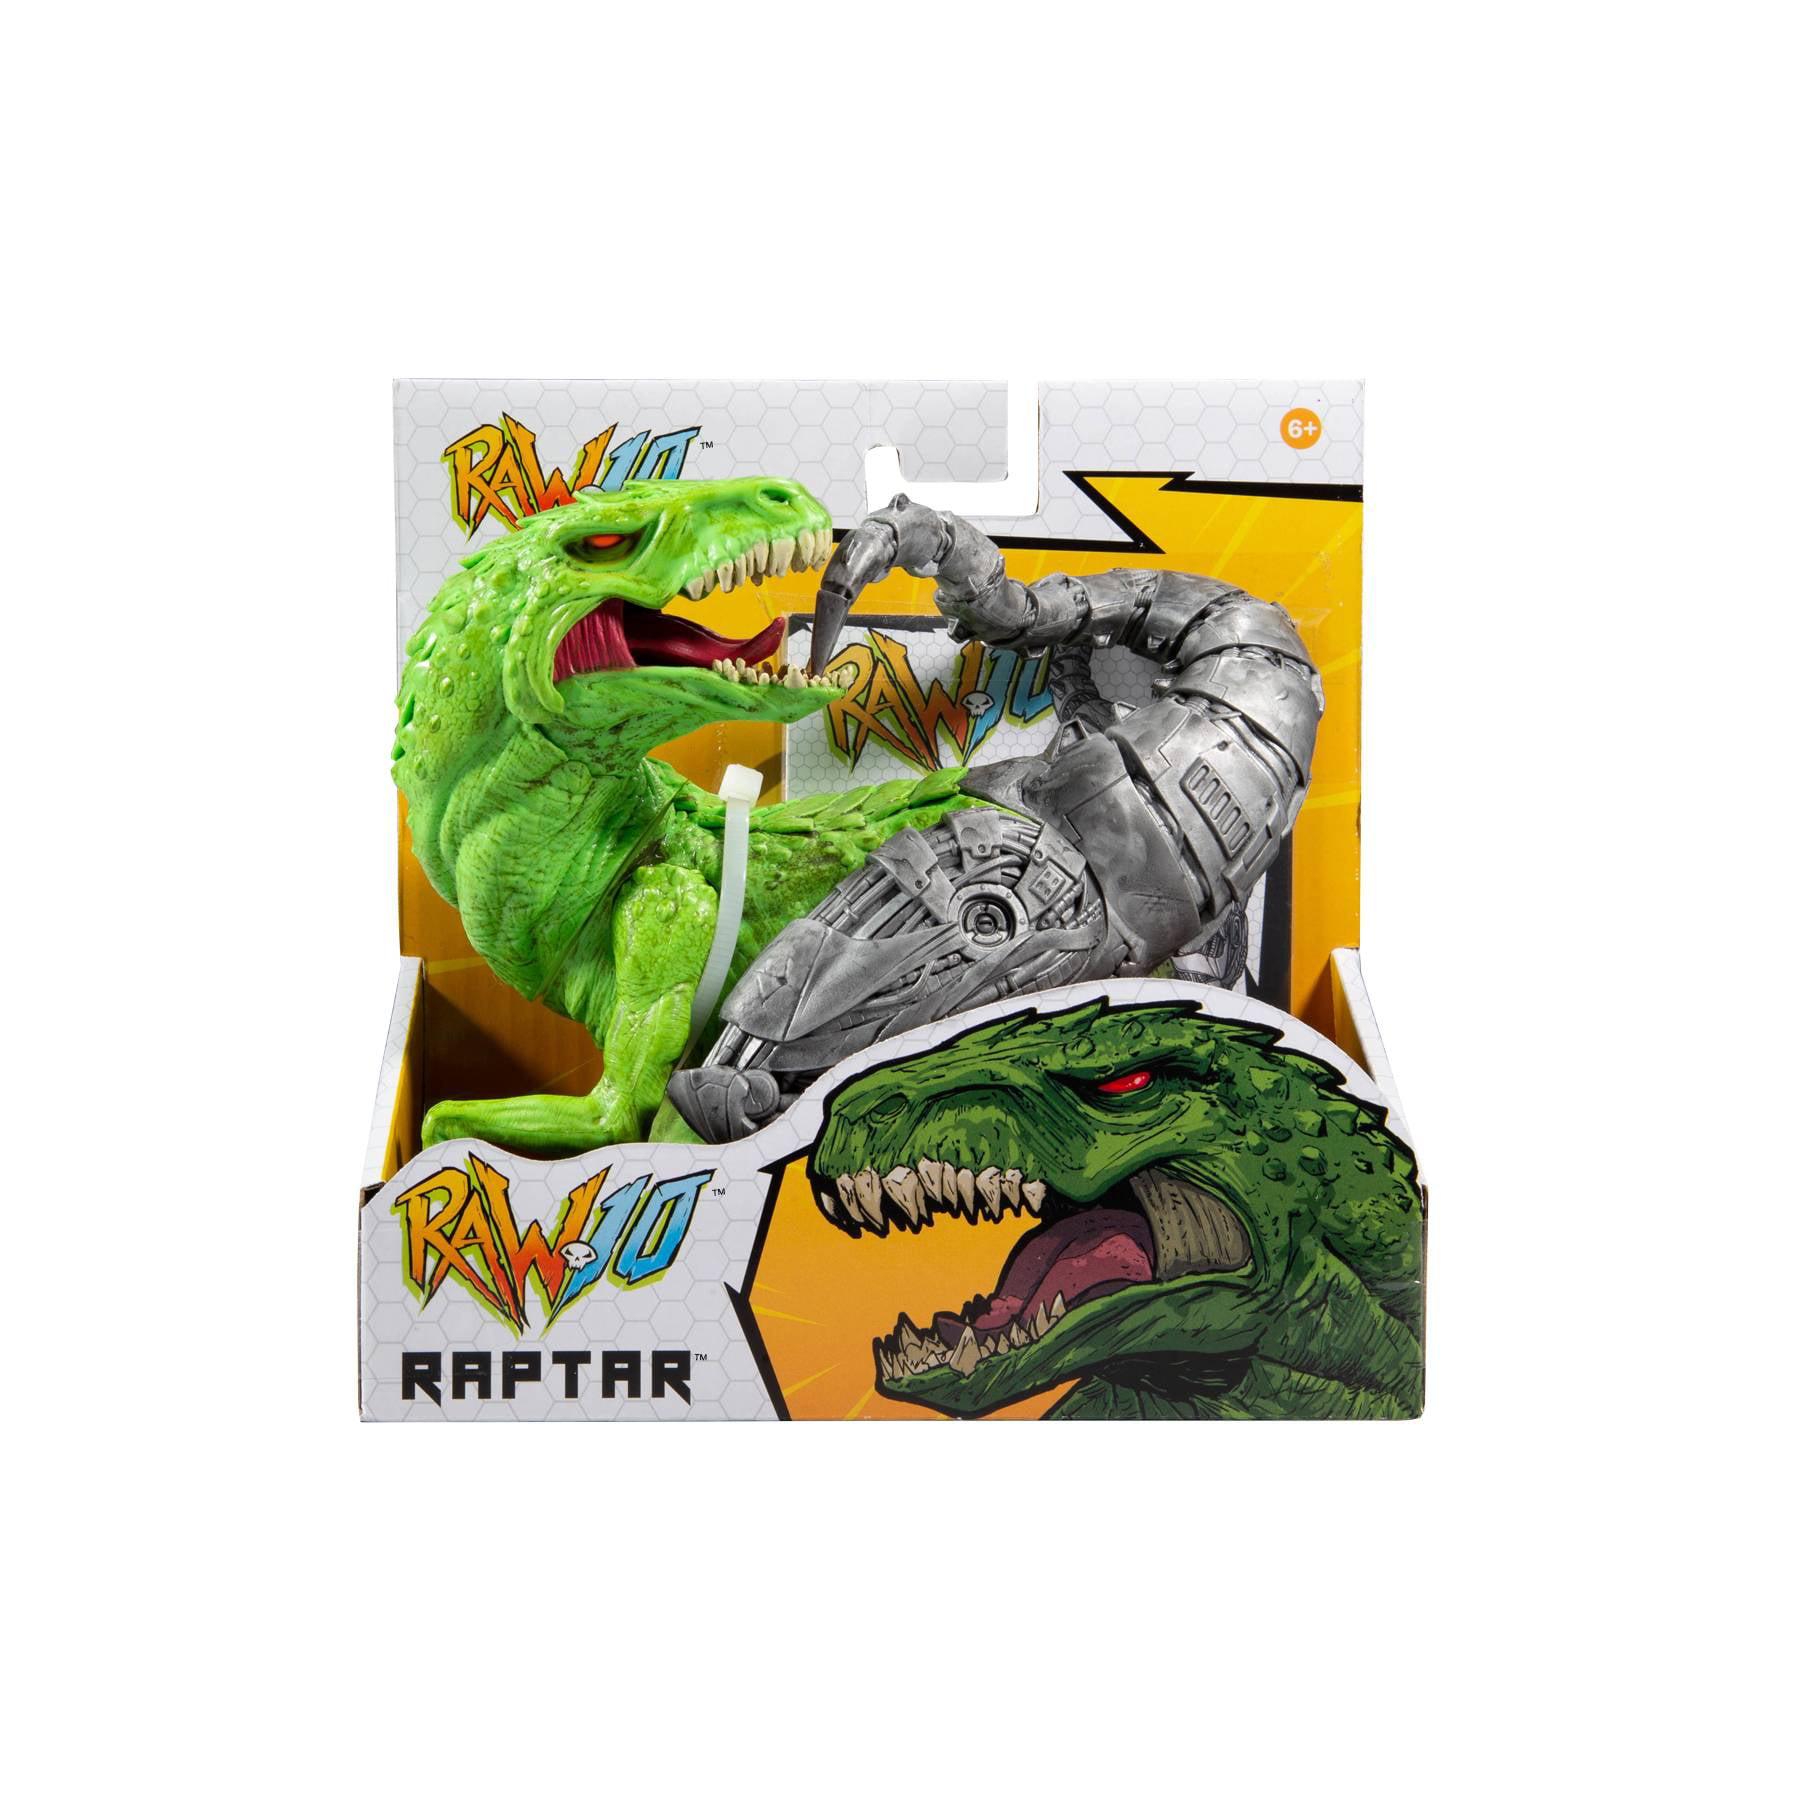 Godzilla Vs Kong March 26 2021 Page 83 Blu Ray Forum